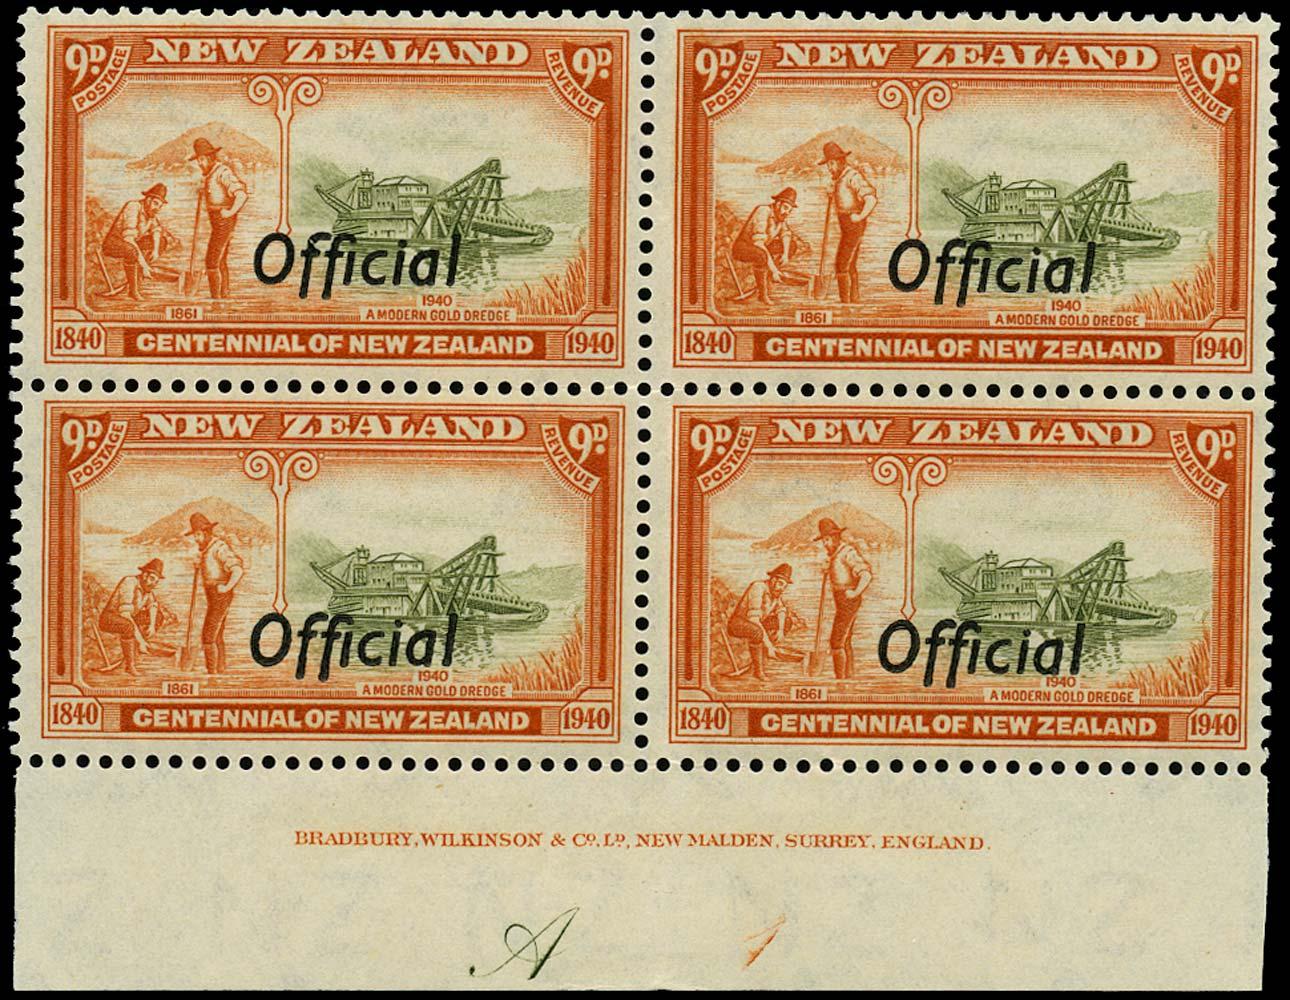 NEW ZEALAND 1940  SGO150 Official Centennial 9d Gold Mining